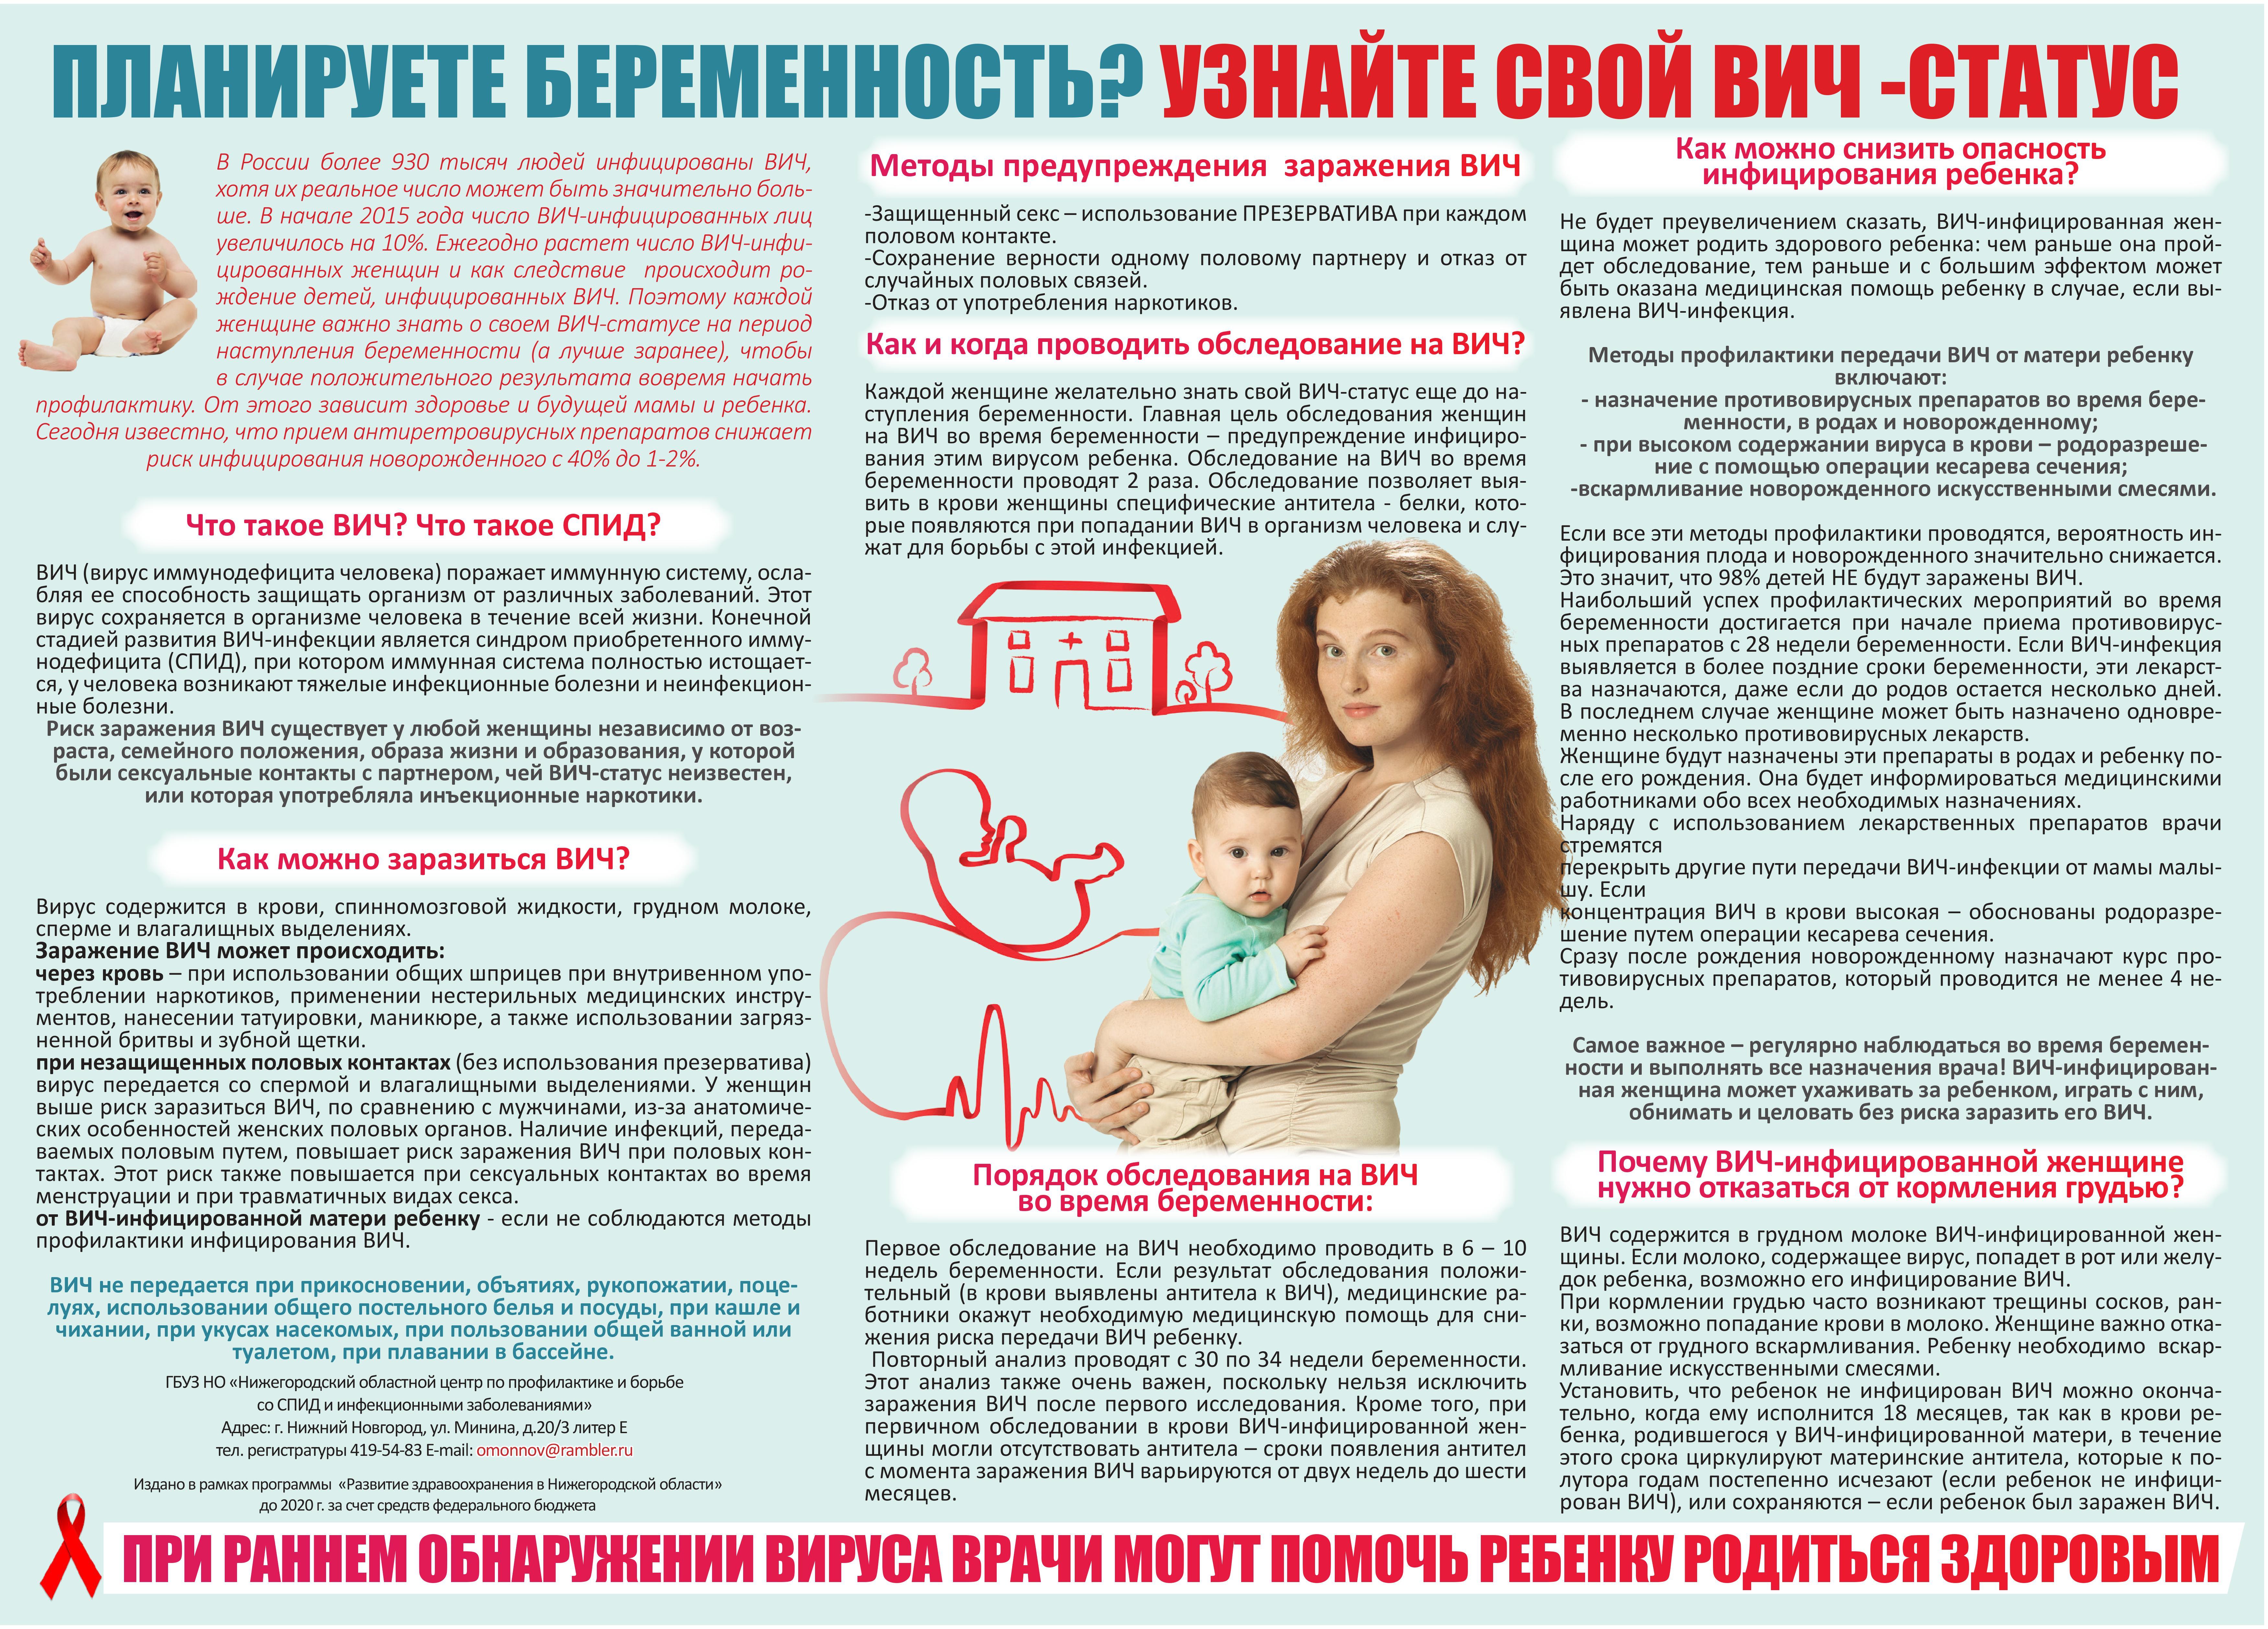 Беременность профилактика заболеваний